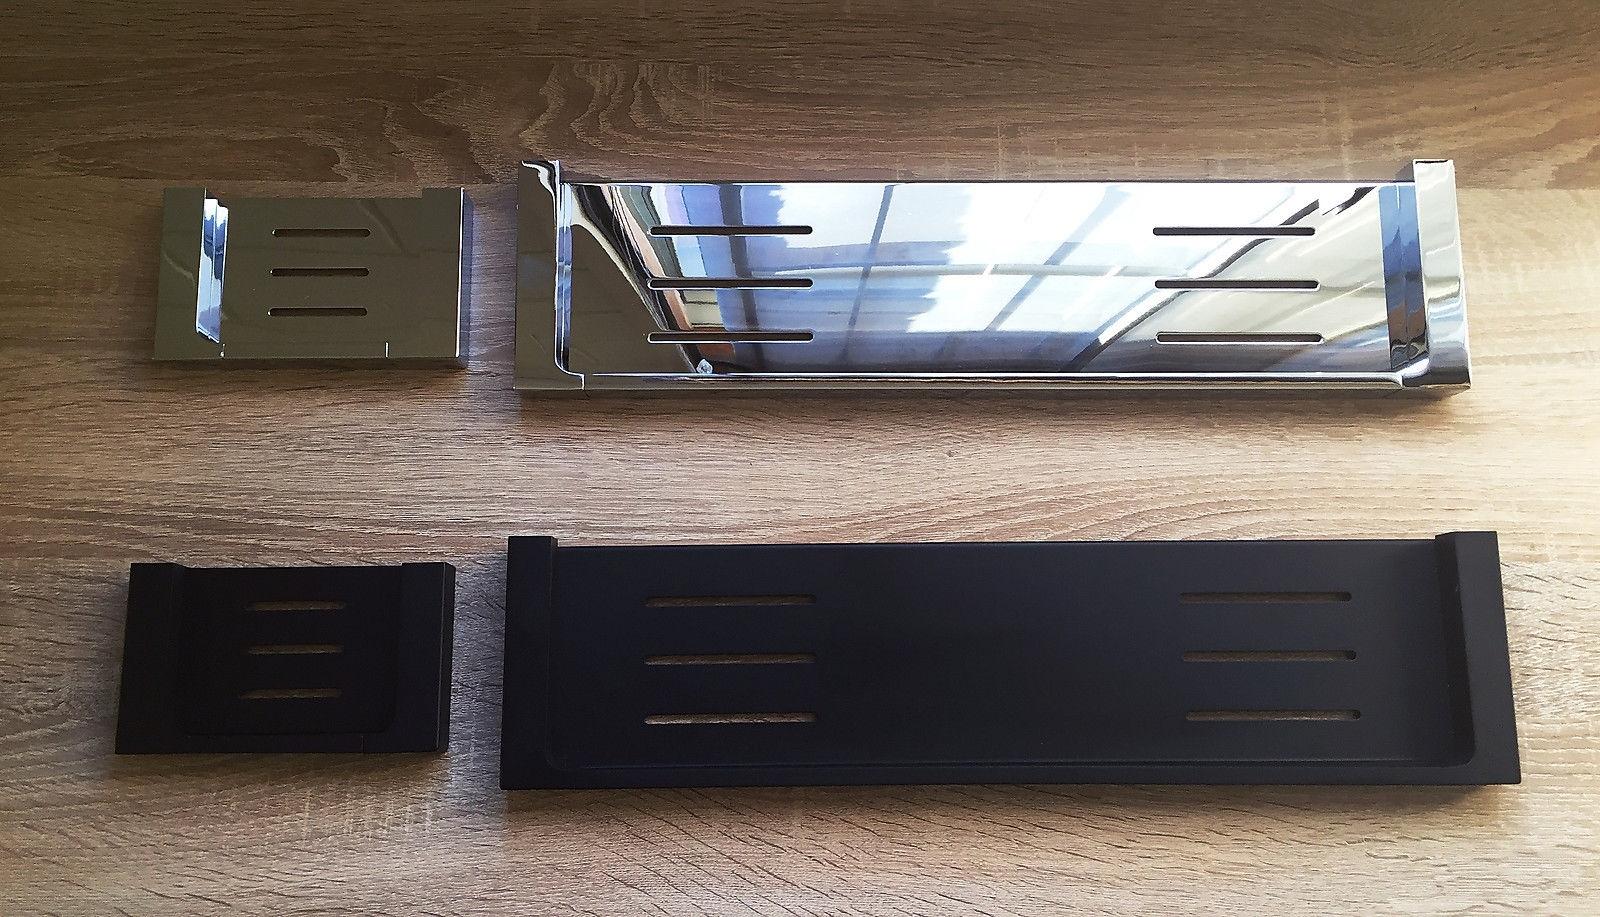 Ettore square polished chrome bathroom shower shelf - Black and chrome bathroom accessories ...